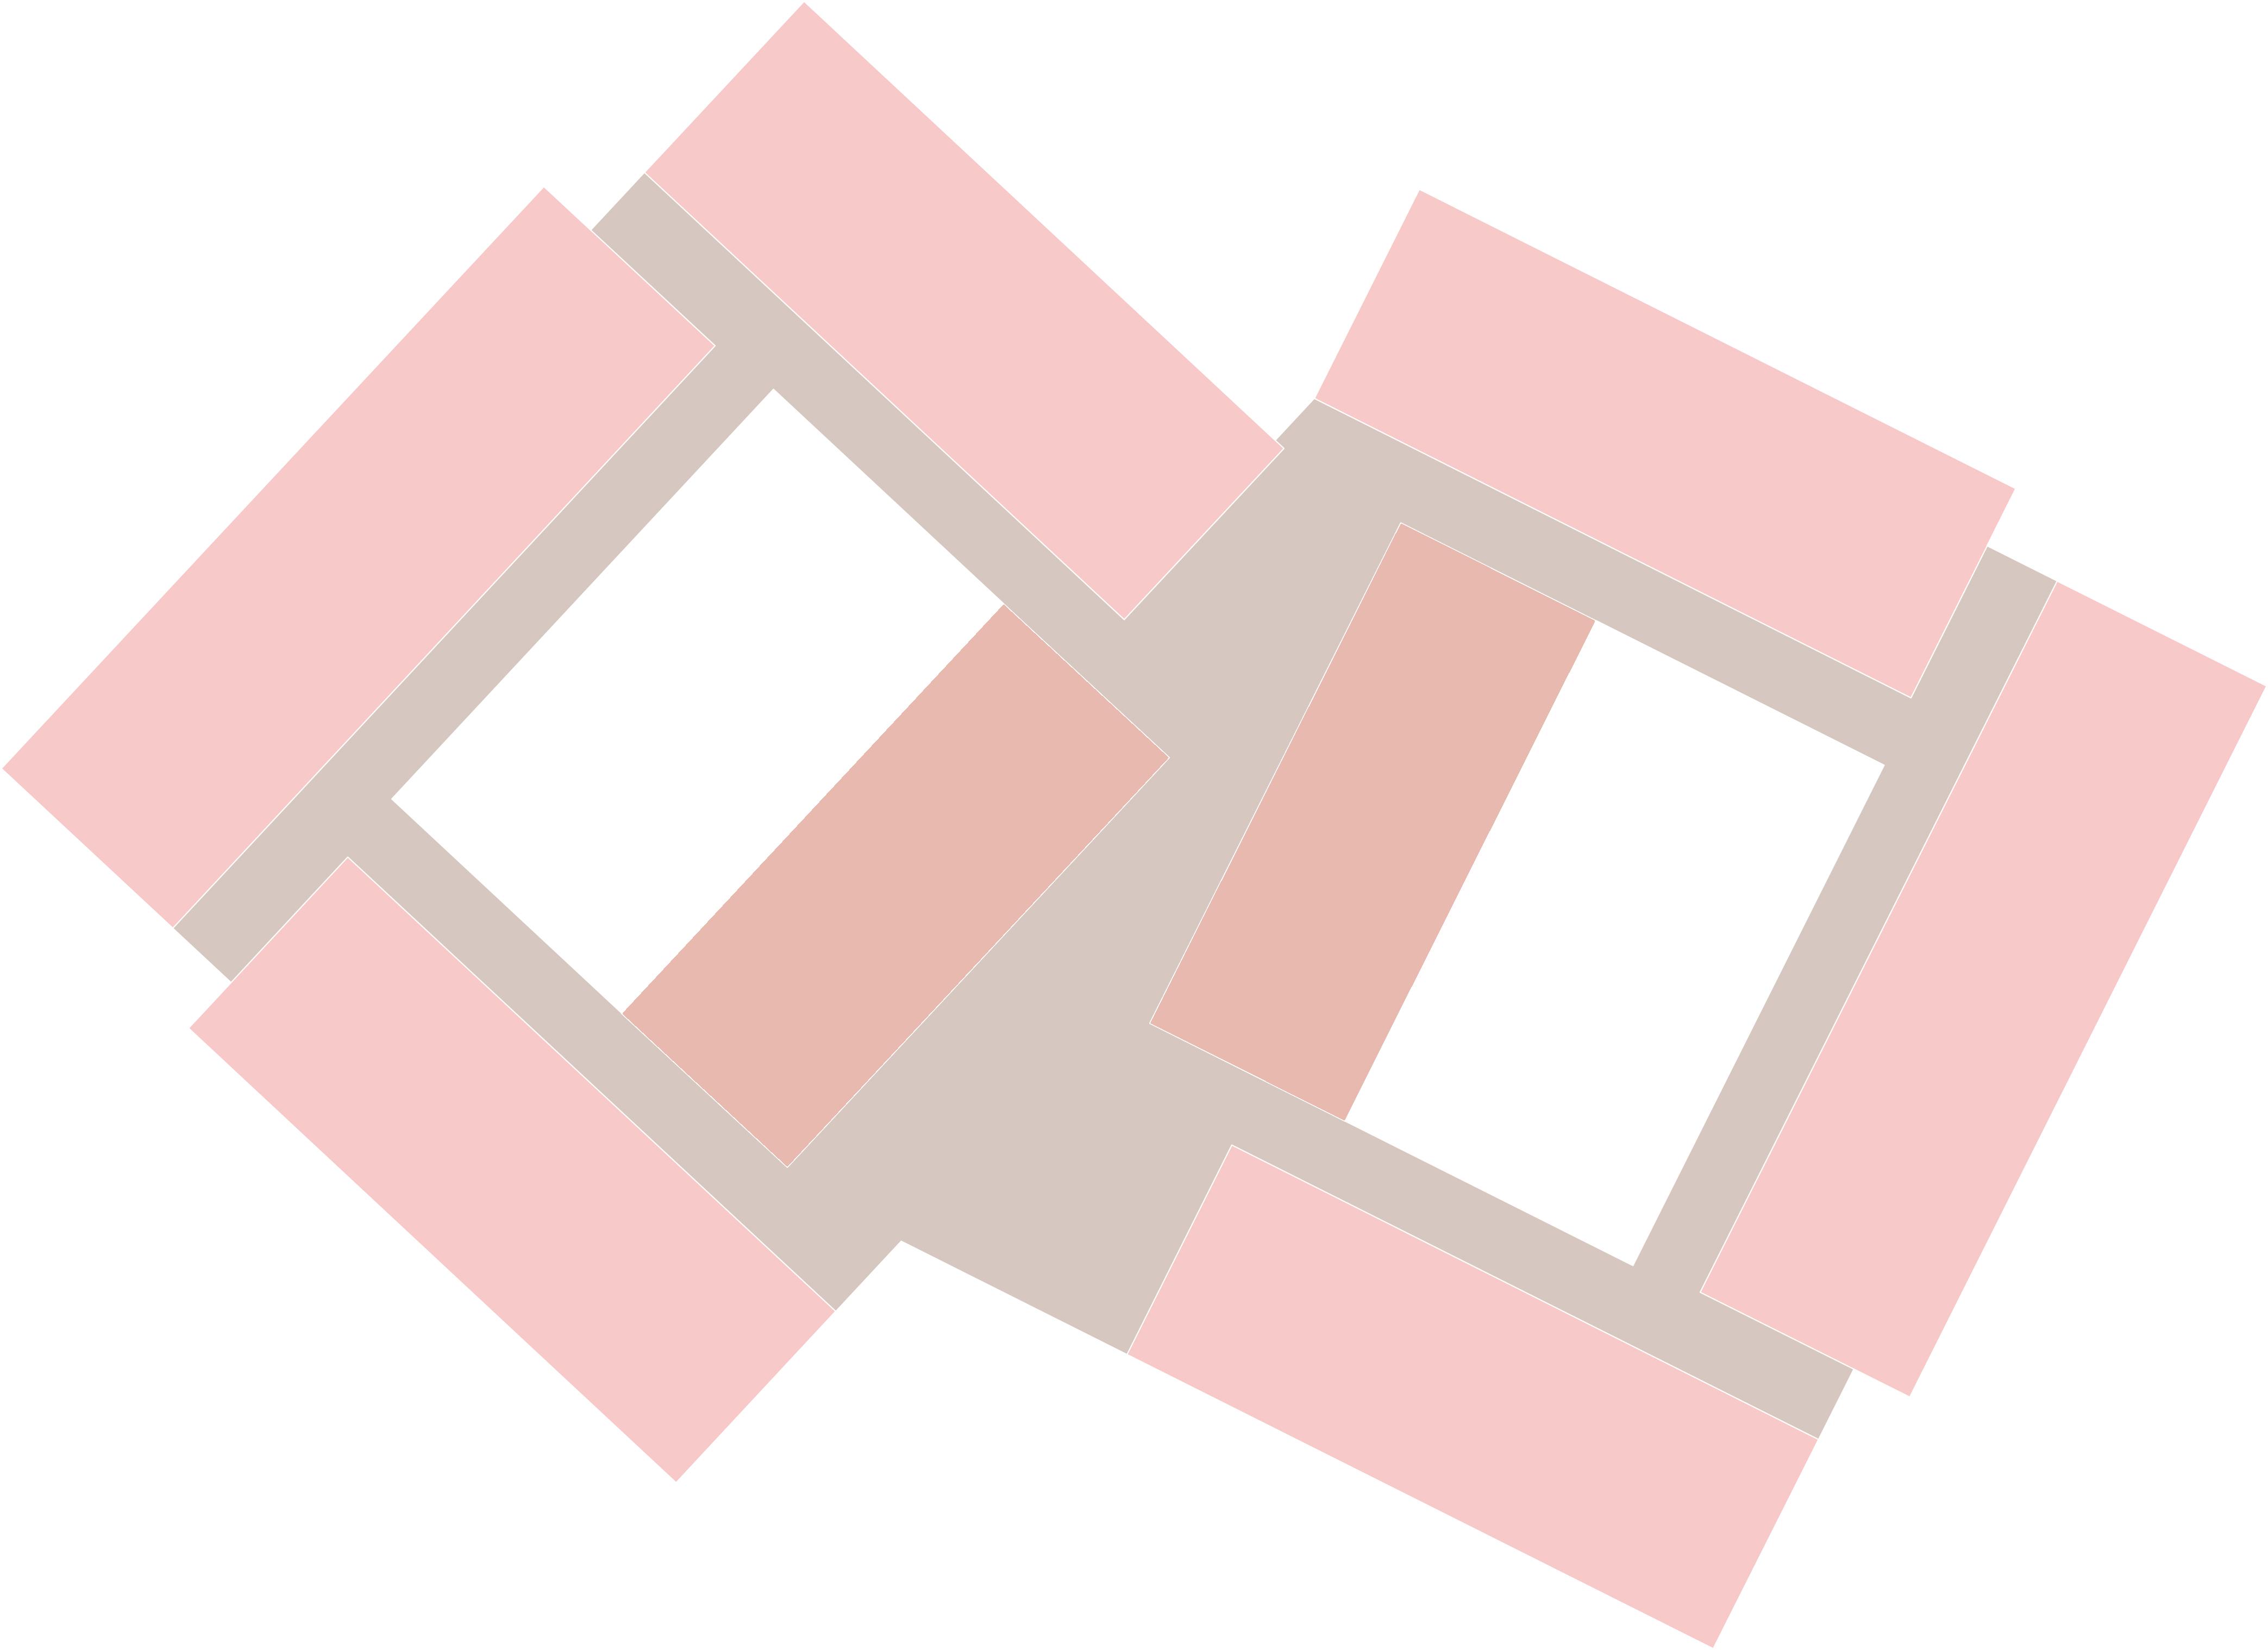 schema plein vide [Sheet Title]